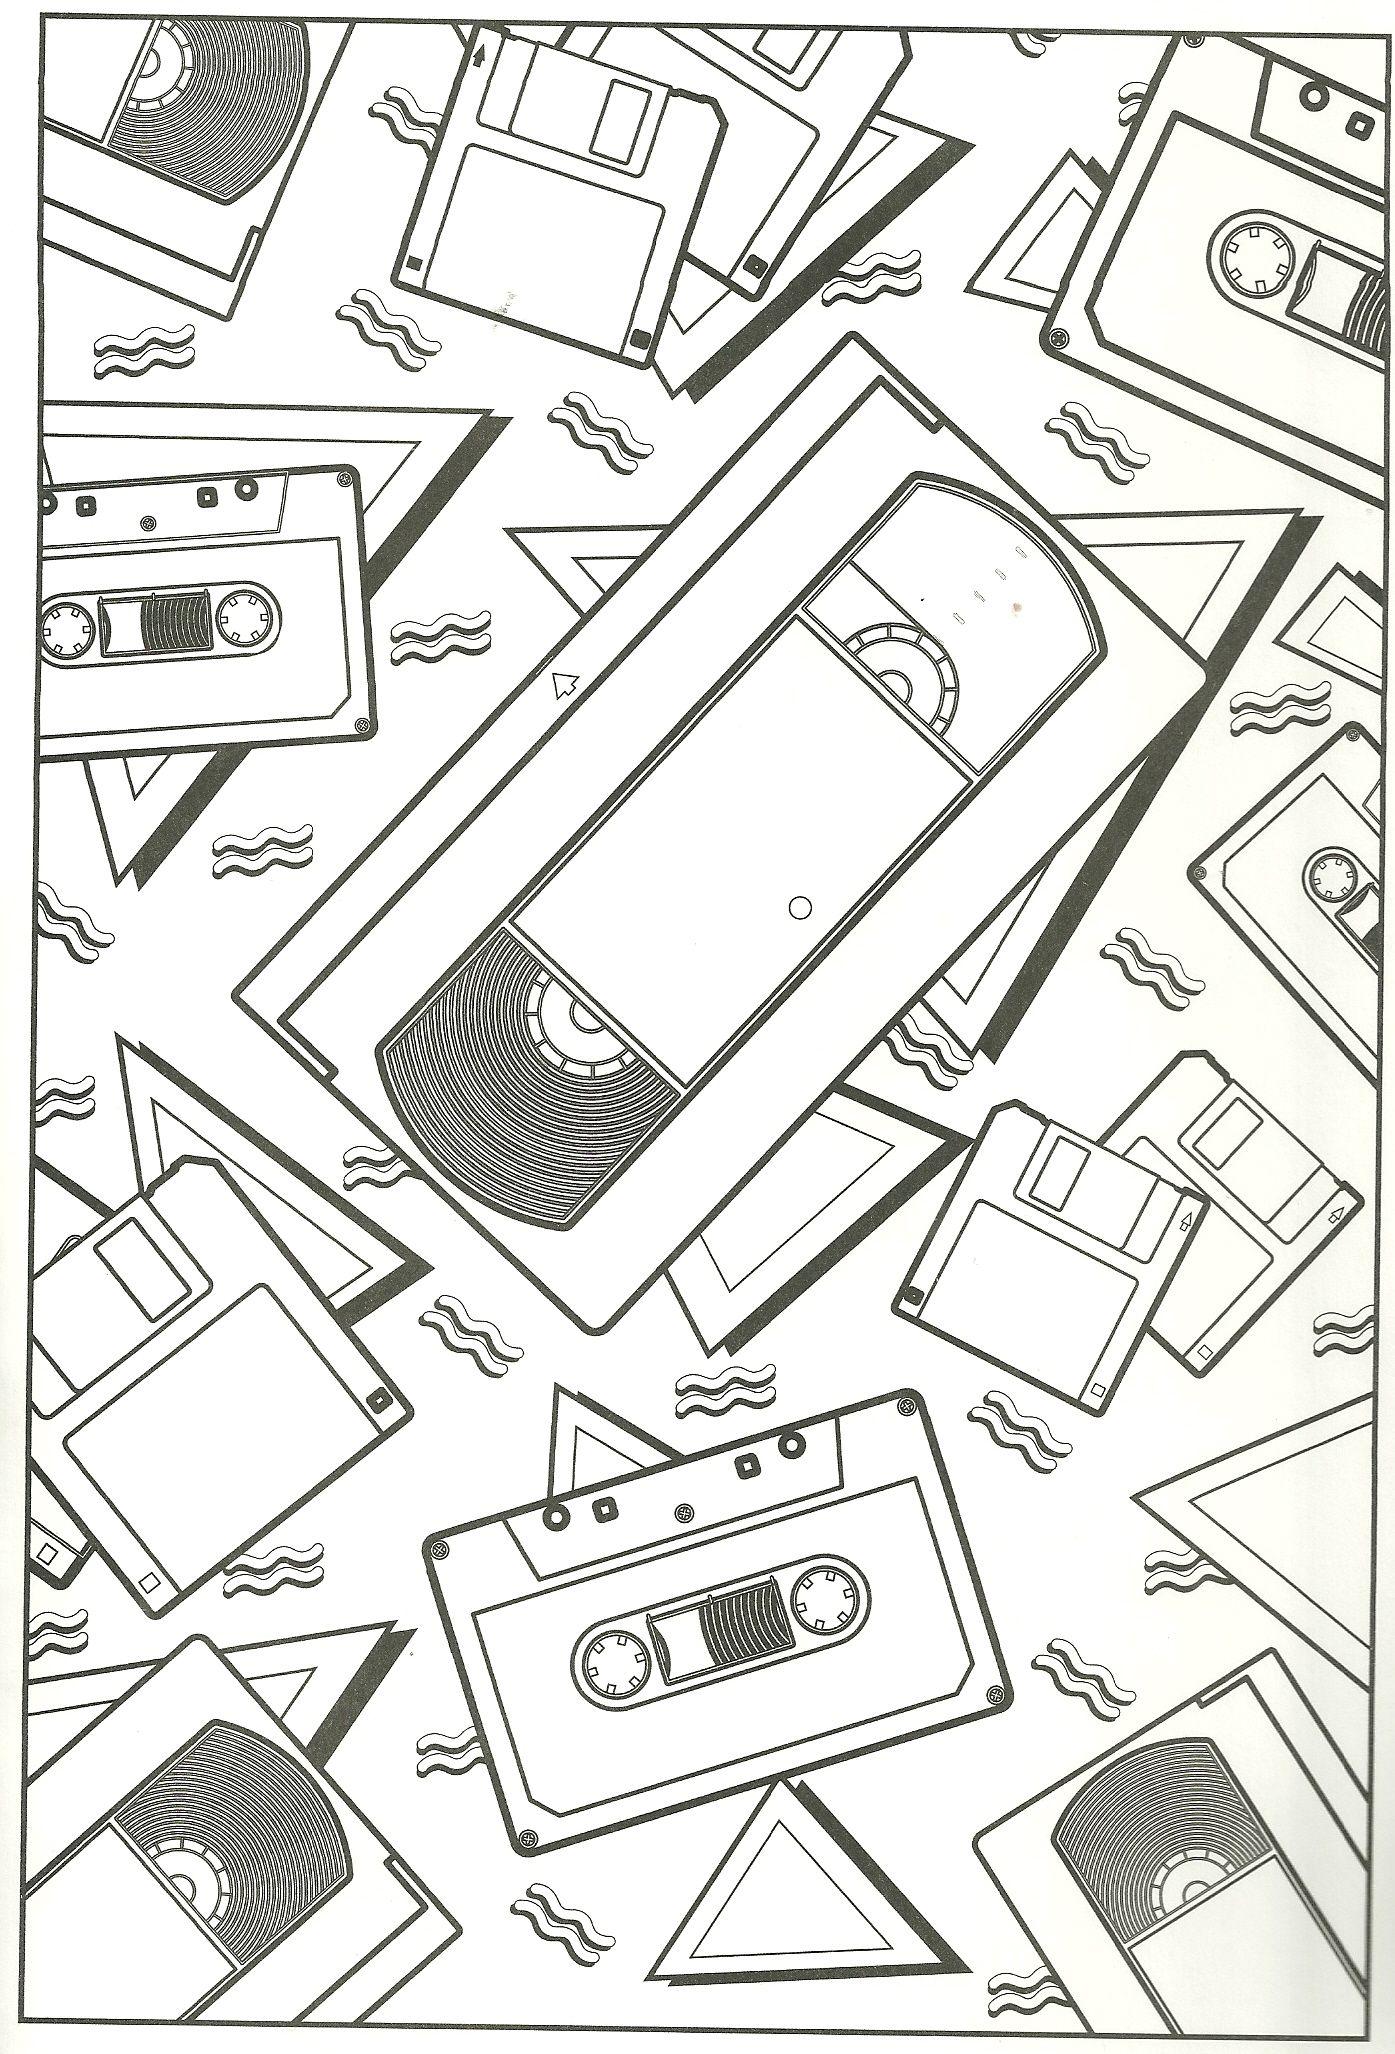 Tdk Vhs Tape Diagram